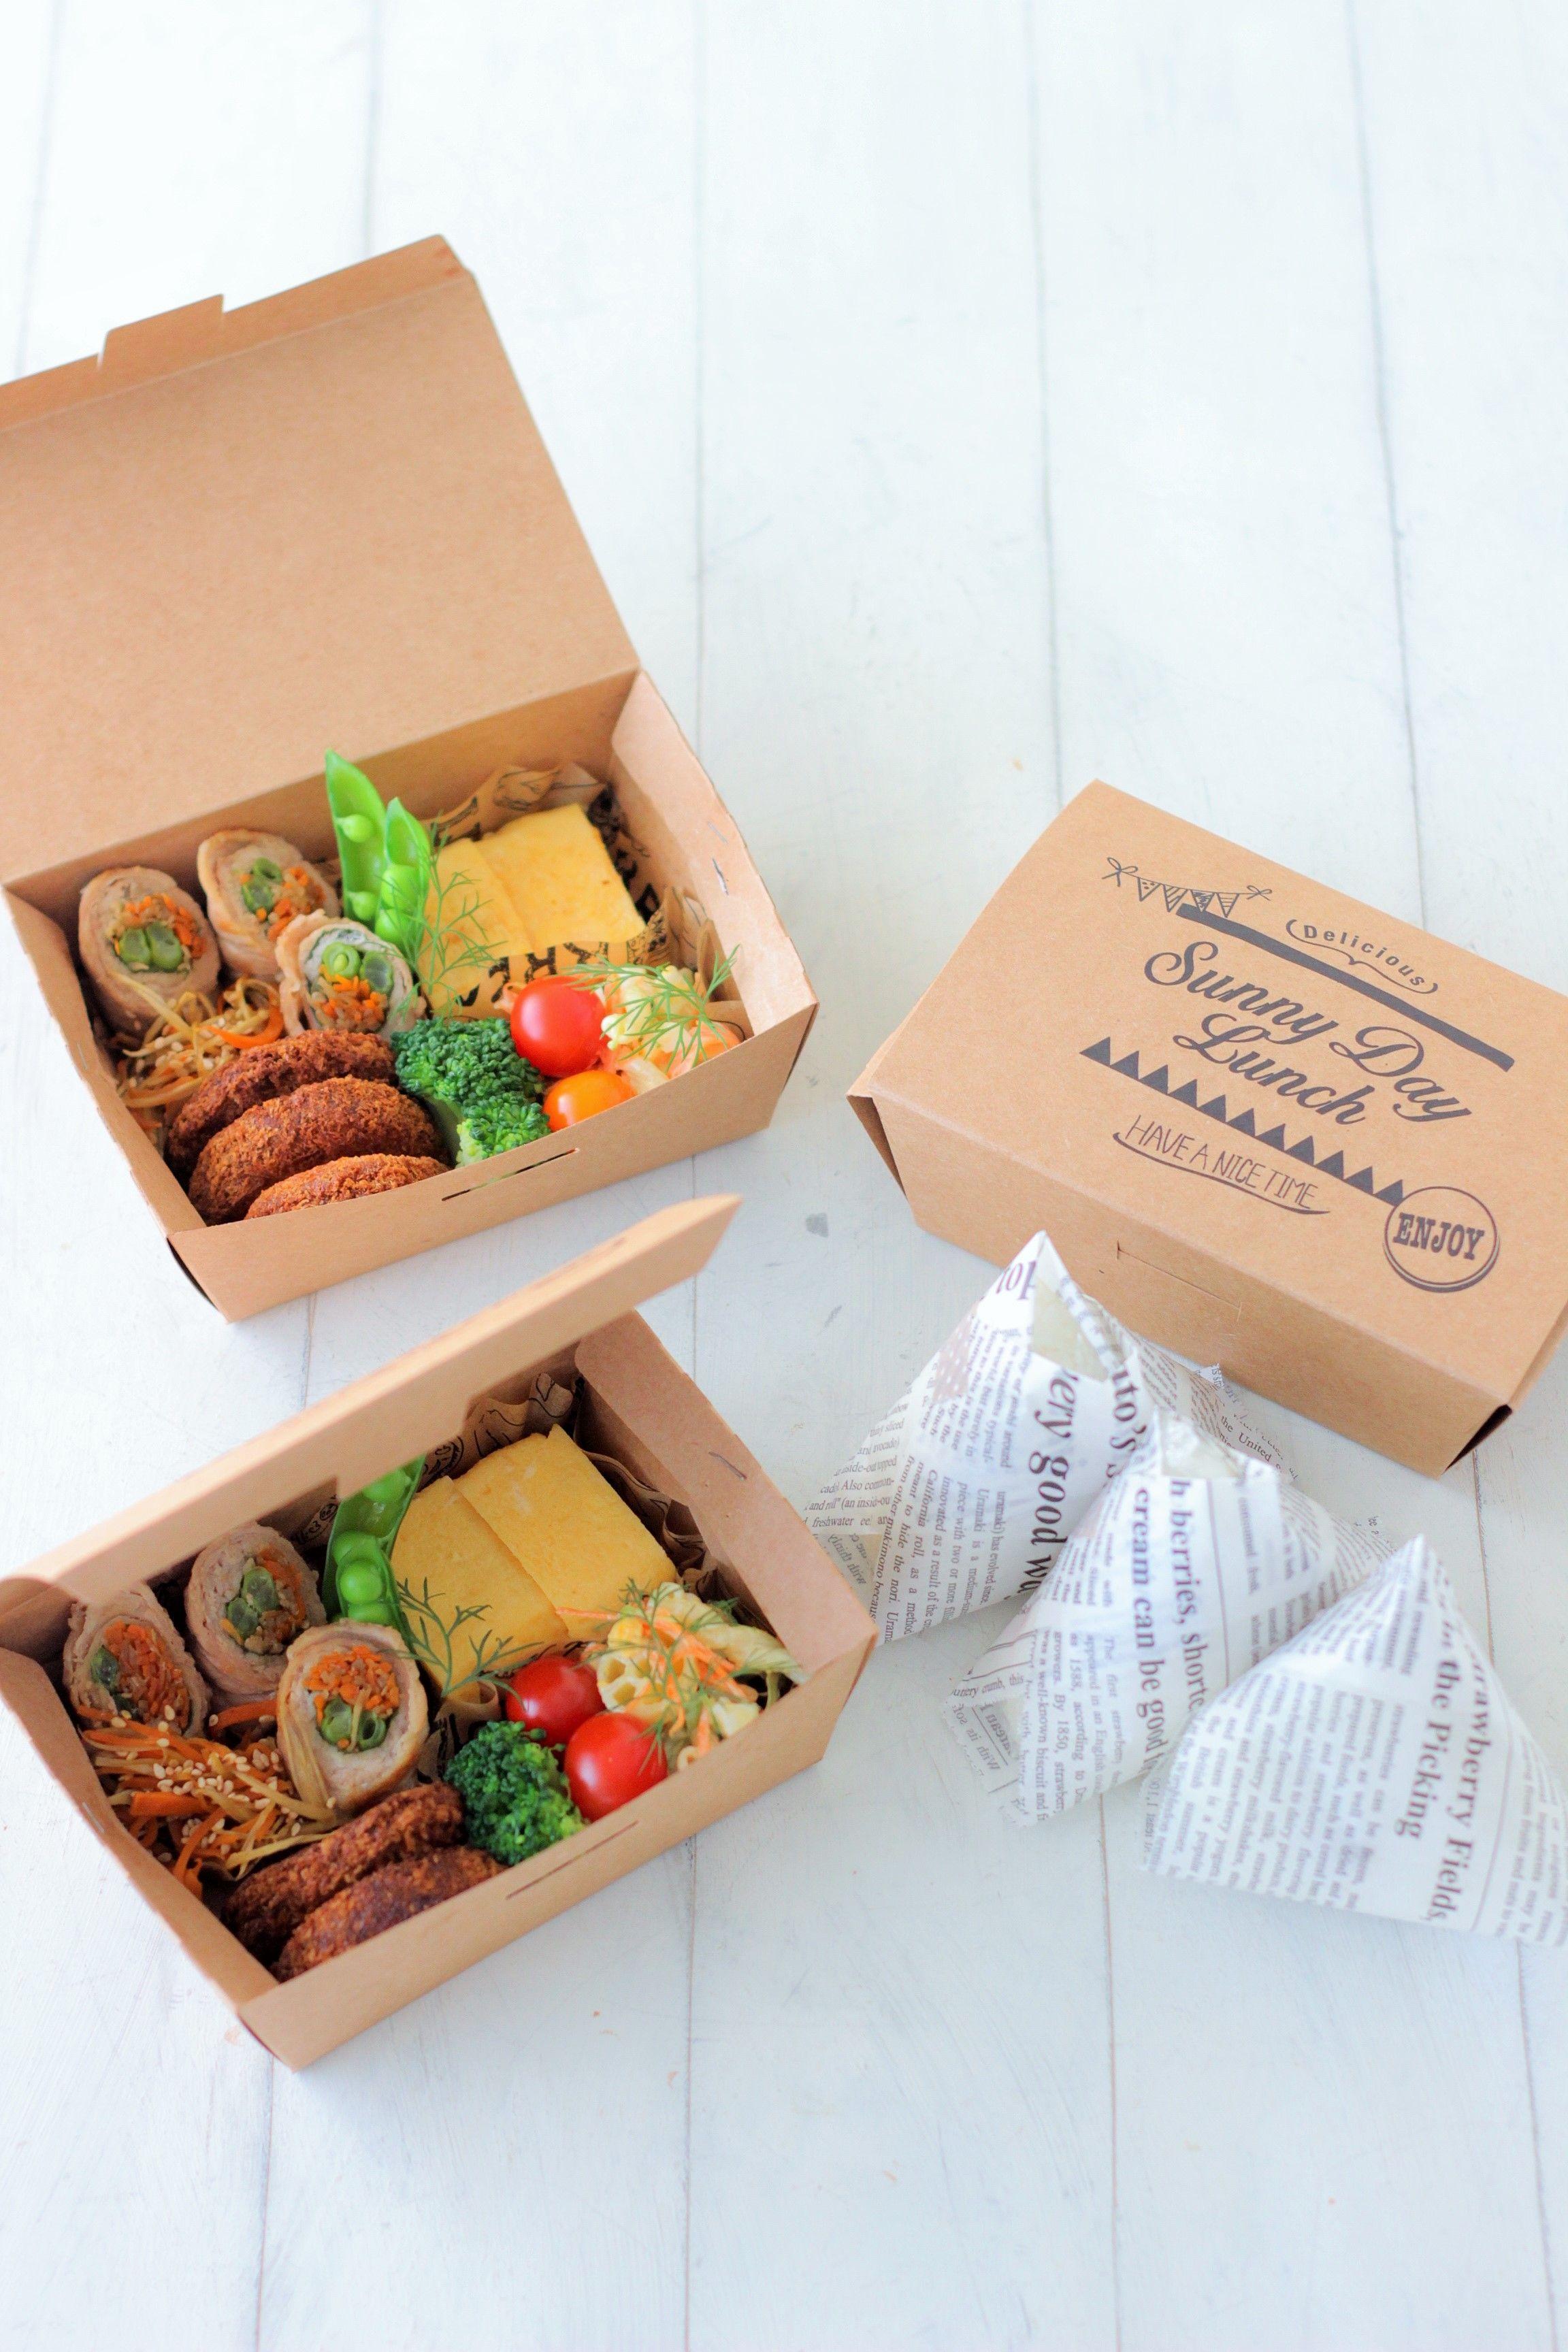 可愛い使い捨て弁当箱でおひとりさま運動会弁当&シューレシピ